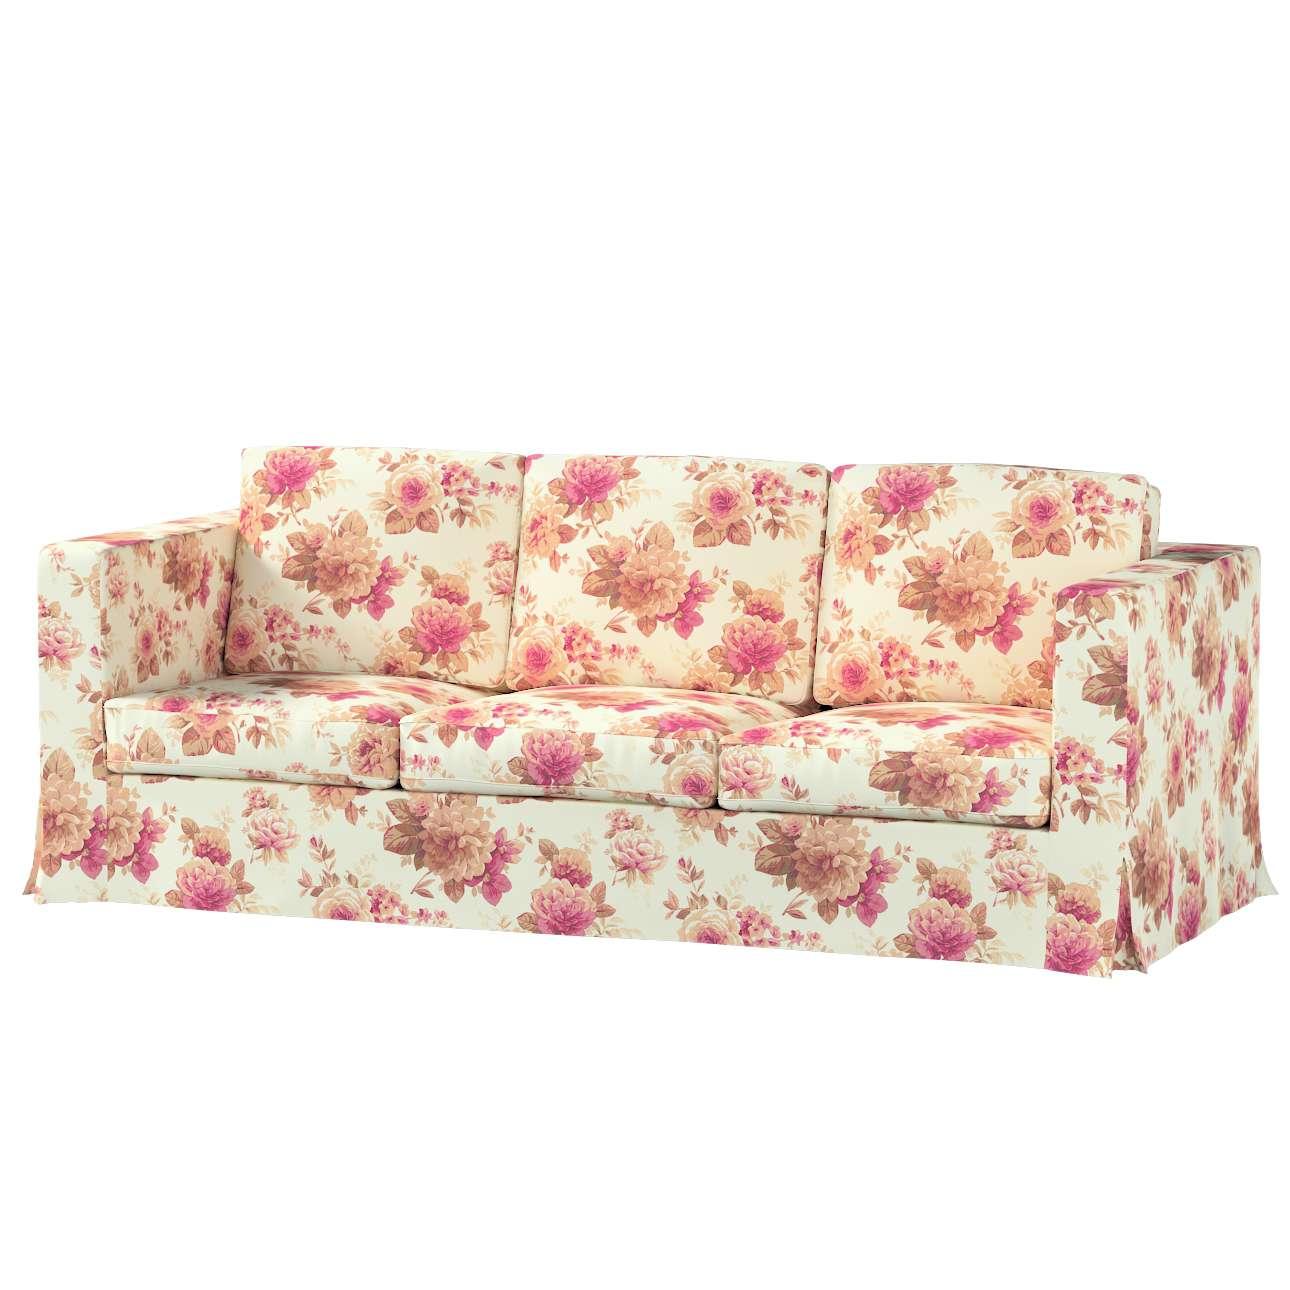 KARLANDA trivietės sofos iki žemės užvalkalas KARLANDA trivietės sofos iki žemės užvalkalas kolekcijoje Mirella, audinys: 141-06